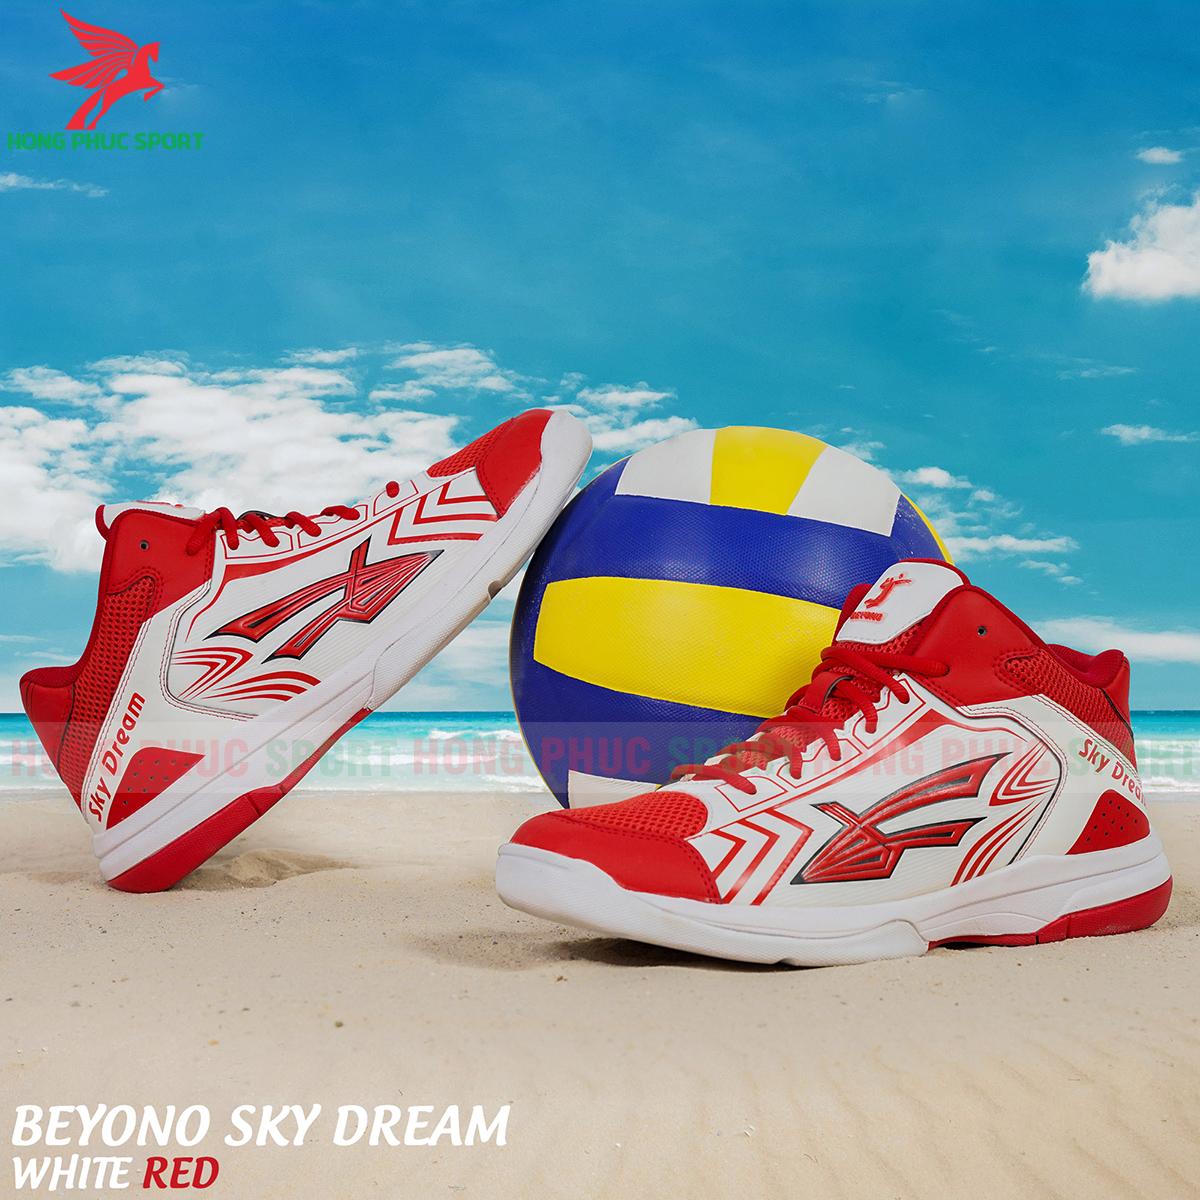 https://cdn.hongphucsport.com/unsafe/s4.shopbay.vn/files/285/giay-bong-chuyen-beyono-sky-dream-mau-xam-do-trang-5-5f8175f0839c2.png